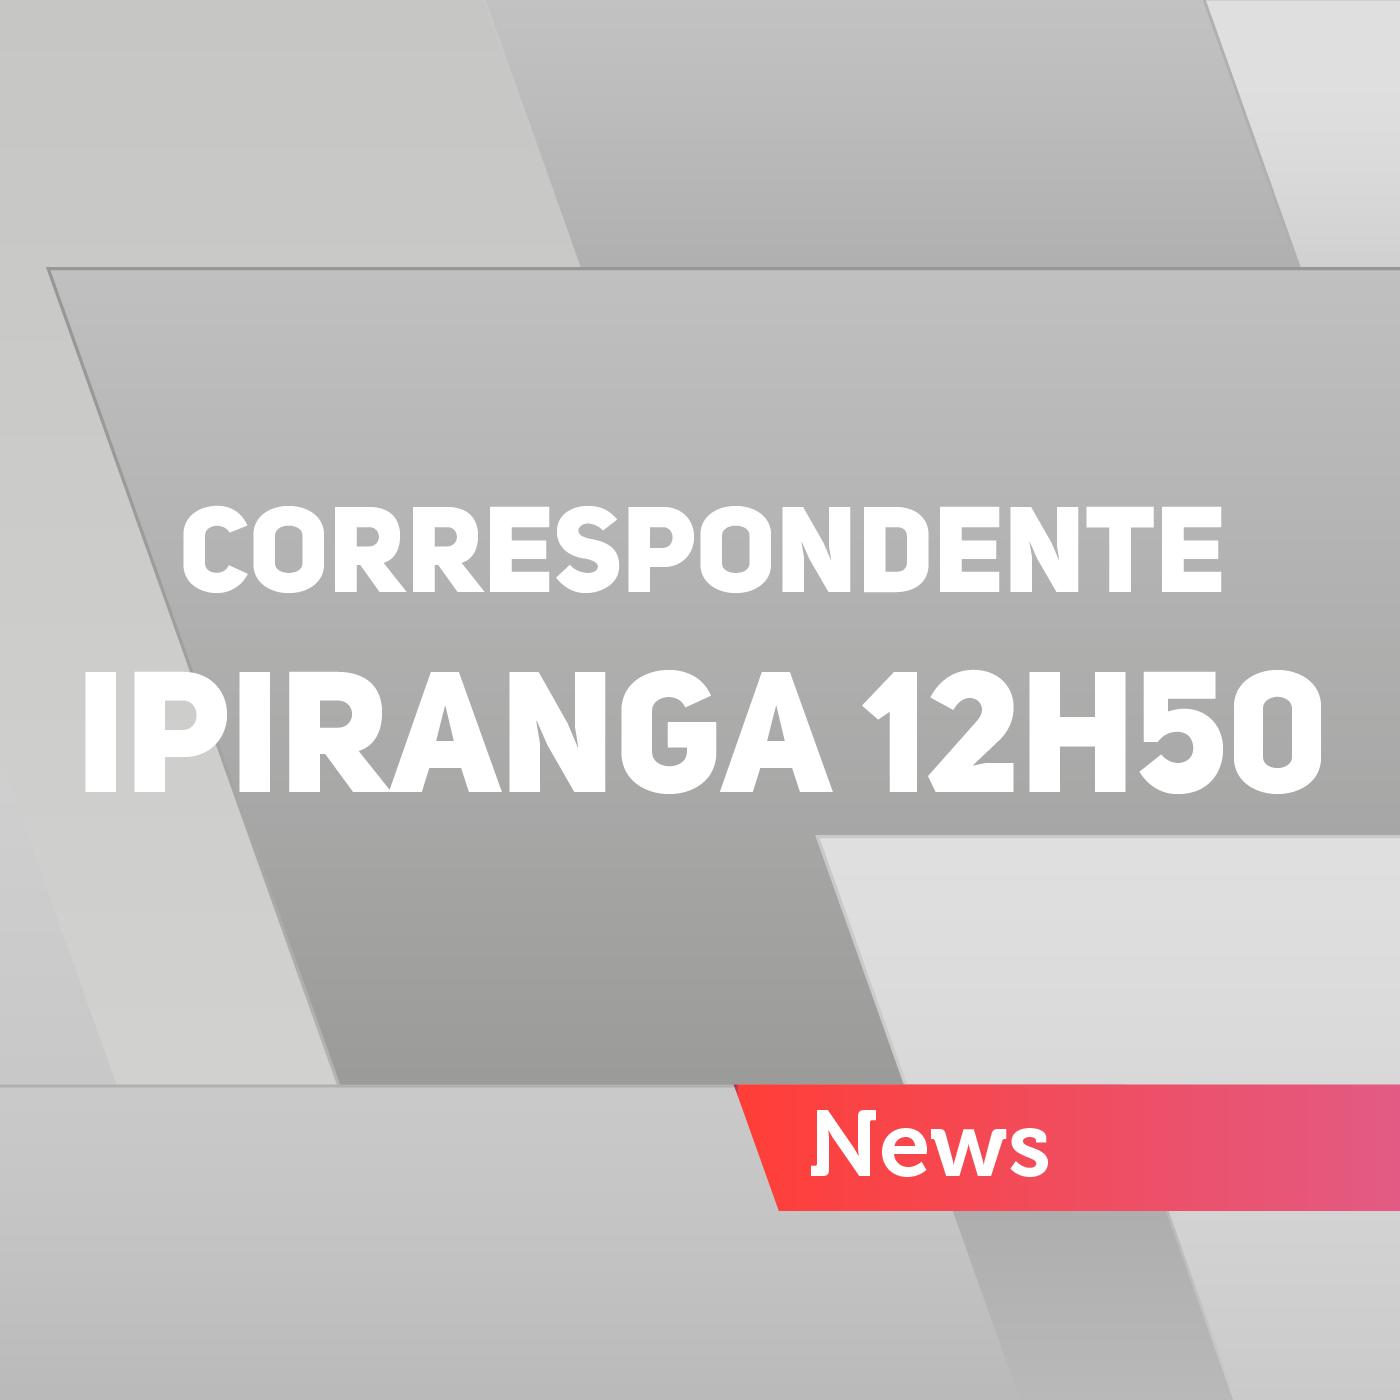 Correspondente Ipiranga 12h50 - 17/01/2017